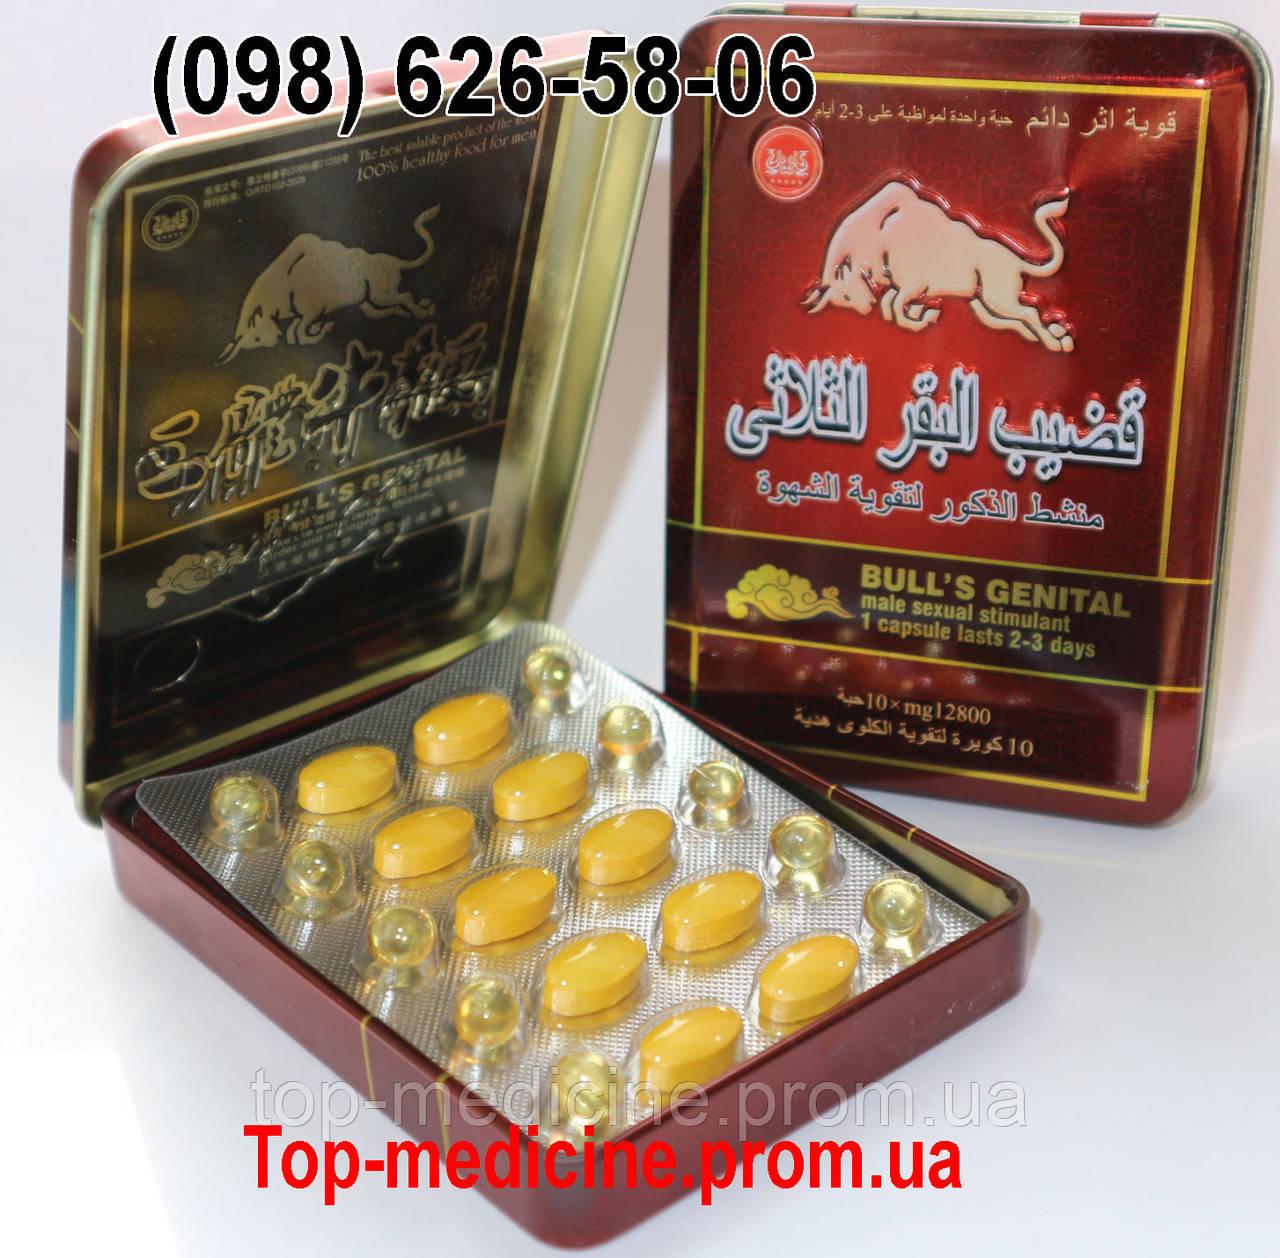 Bulls Genital - препарат для мощной эрекциию 12800 мг .